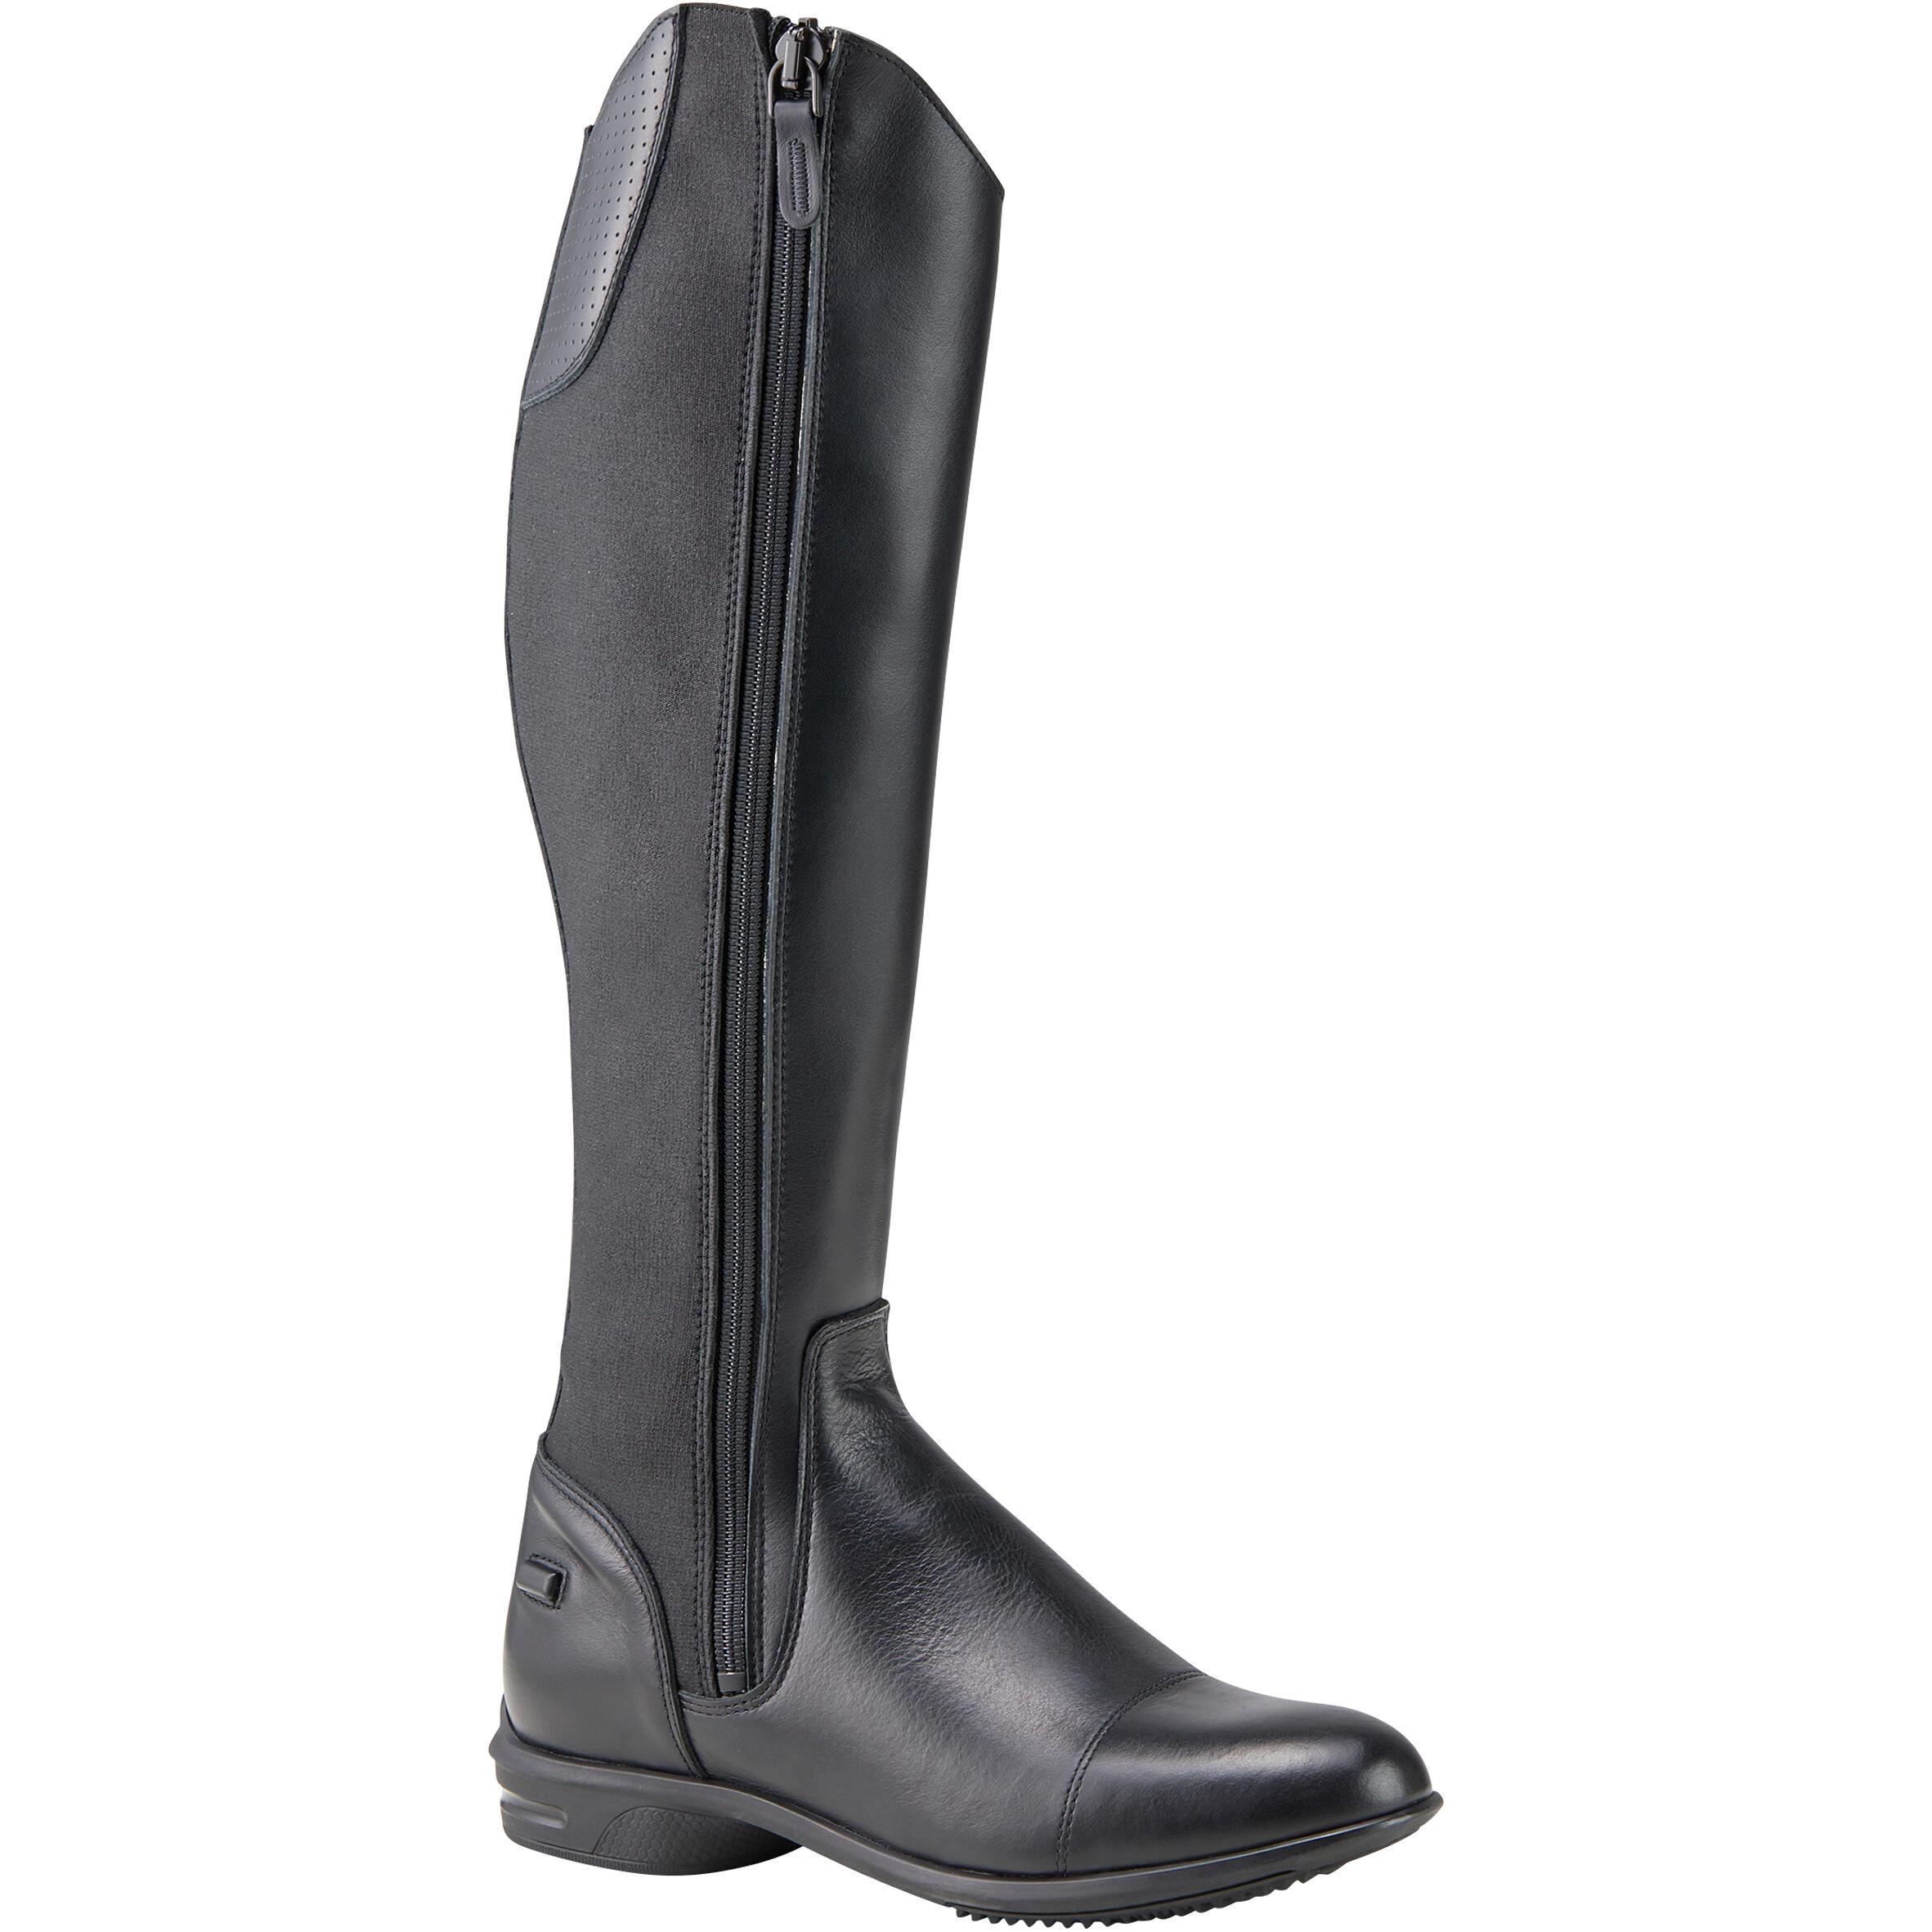 Reitstiefel Leder 560 Erwachsene schwarz | Schuhe > Sportschuhe > Reitstiefel | Schwarz | Leder | Fouganza